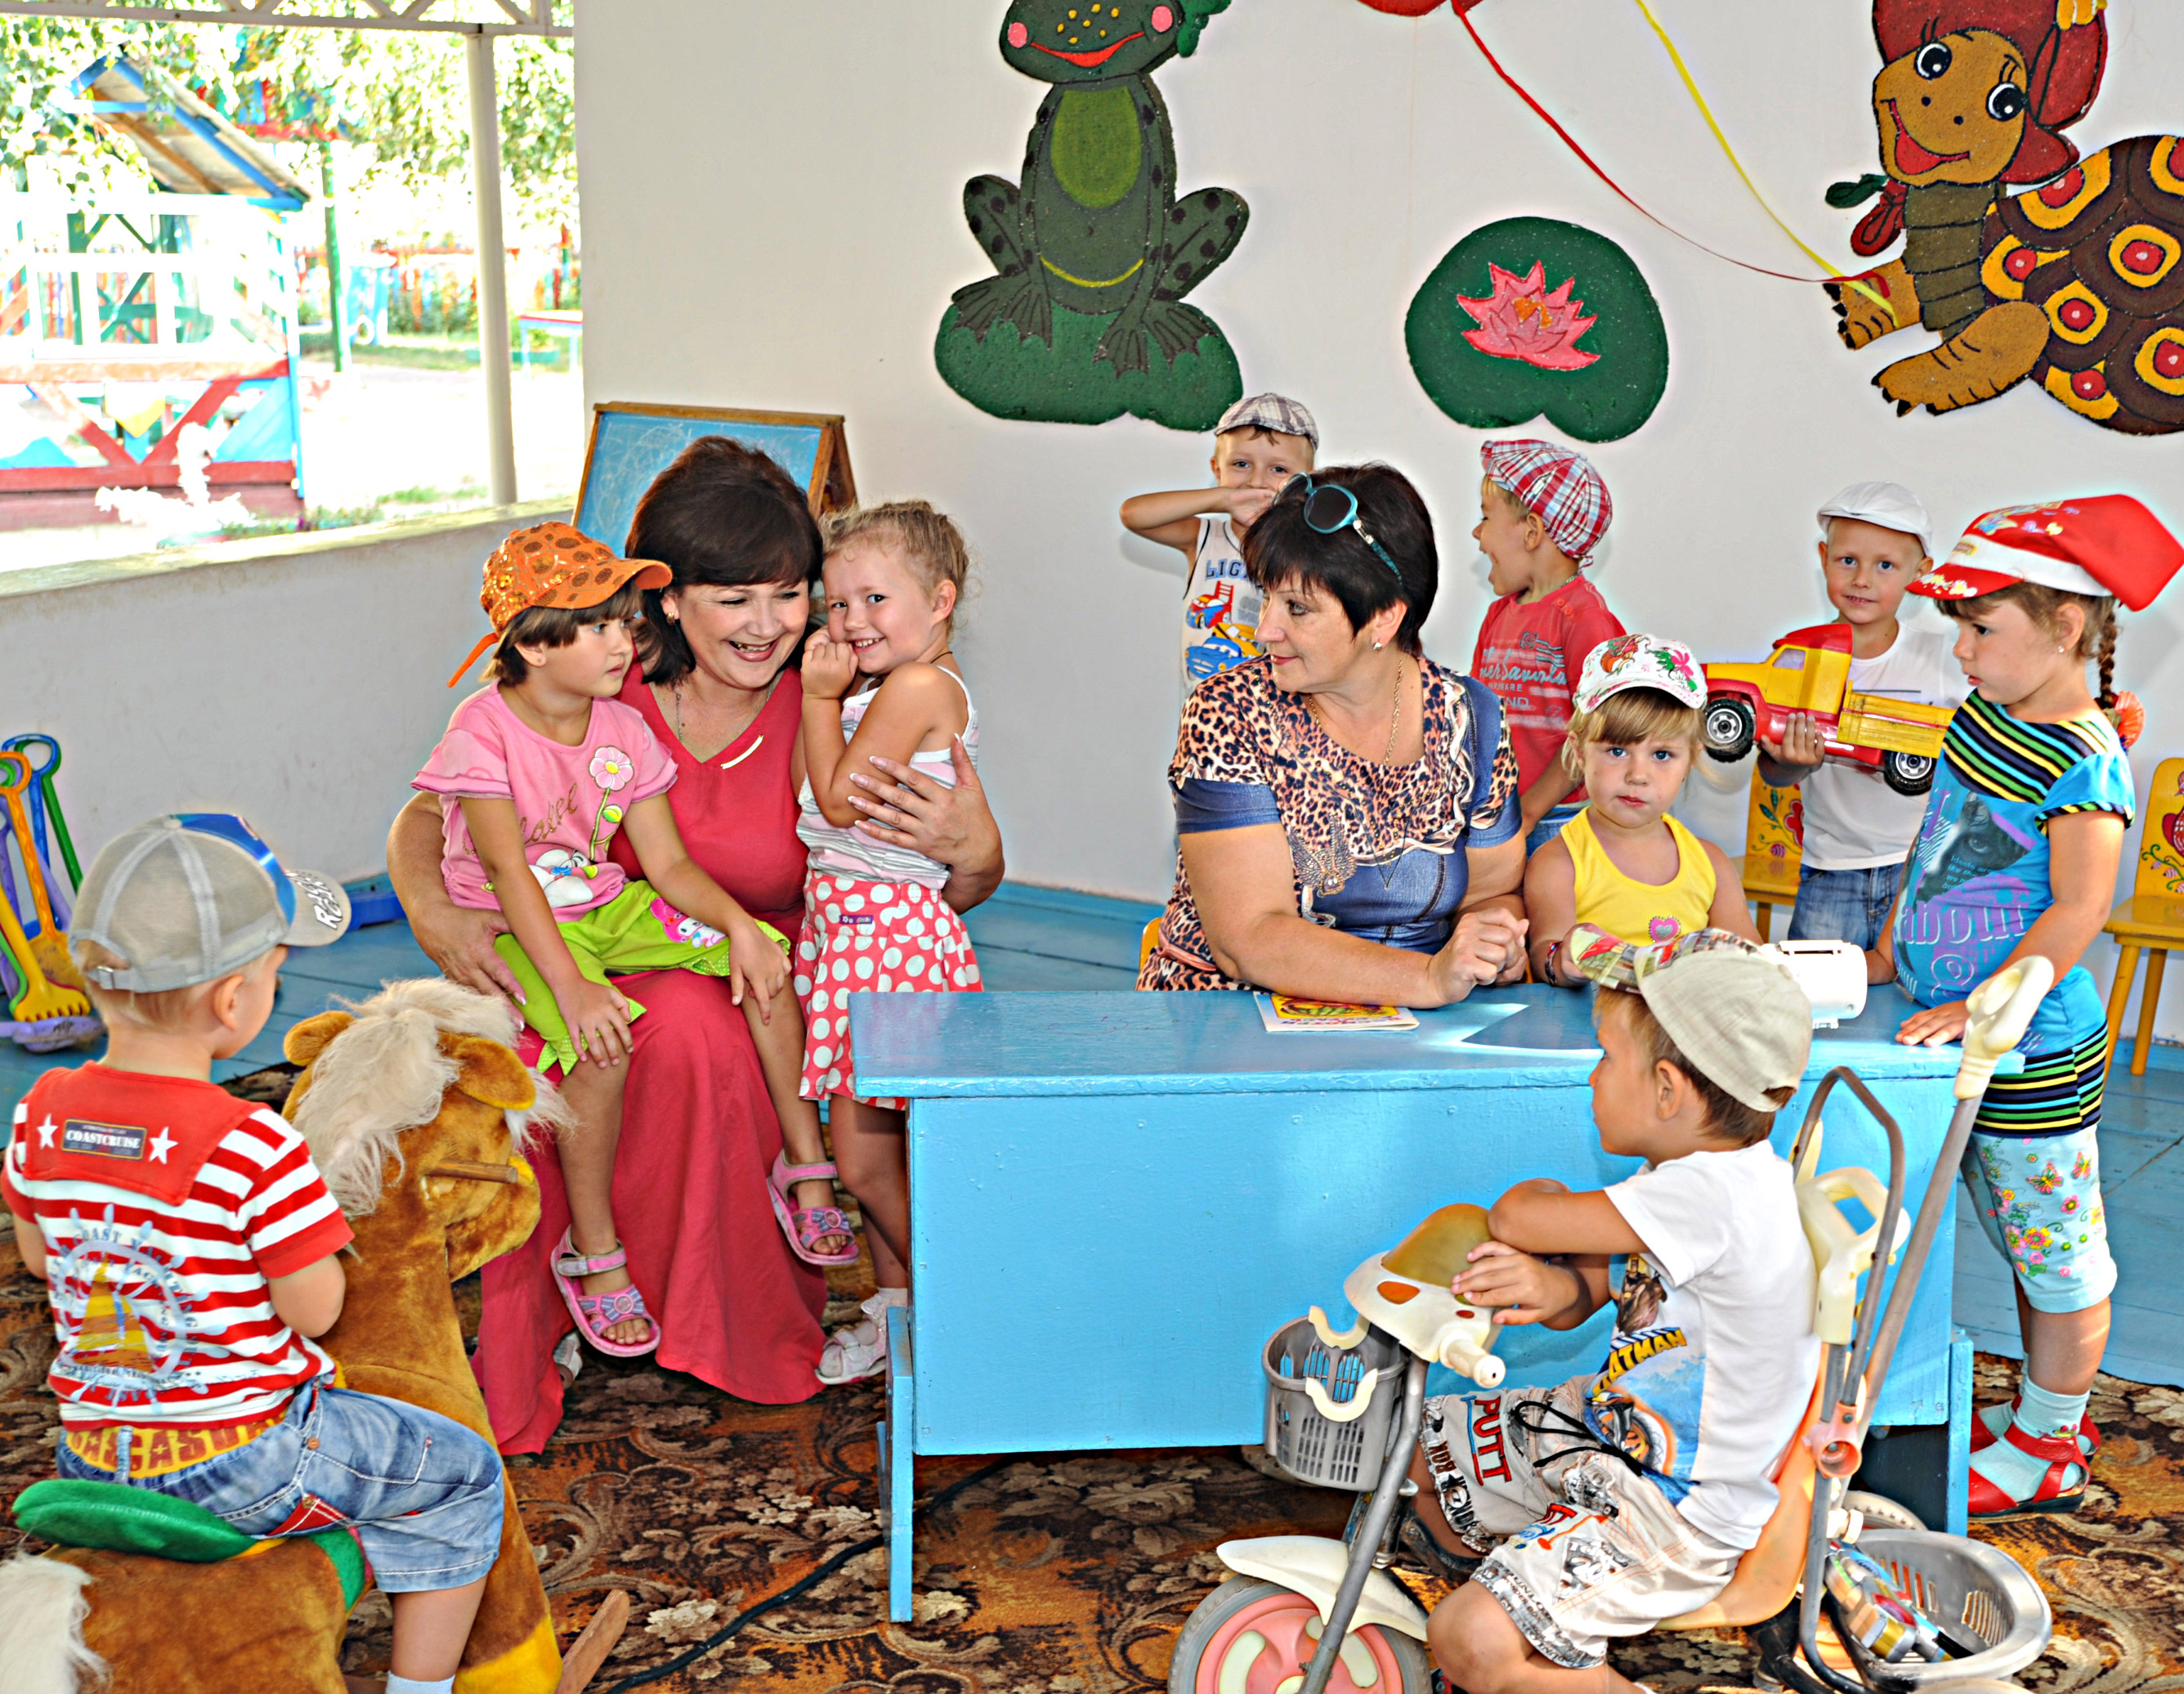 Со своими любимыми воспитанниками  в средней группе  заведующая   Ольга Владимировна ПРИЙМАК (слева)  и воспитатель  Ирина Олеговна Довбня